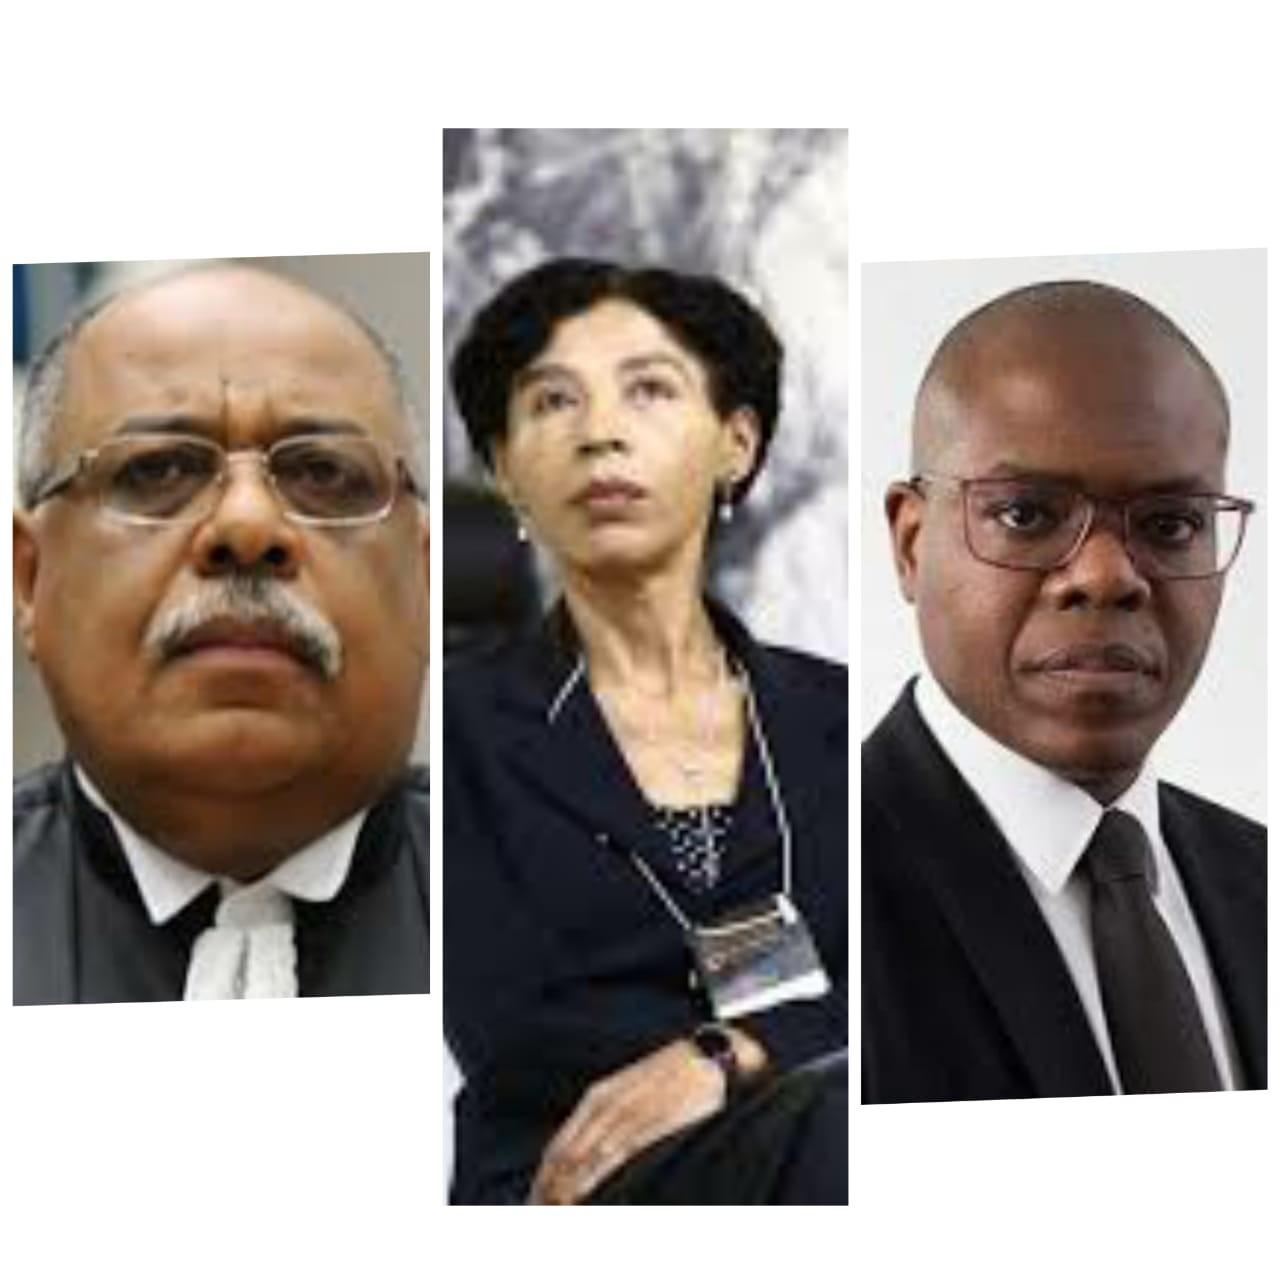 O ministro  Benedito Gonçalves (presidente), a desembargadora Maria Ivatonia (vice-presidente) e o advogado e filósofo Silvio Almeida (relator-geral)